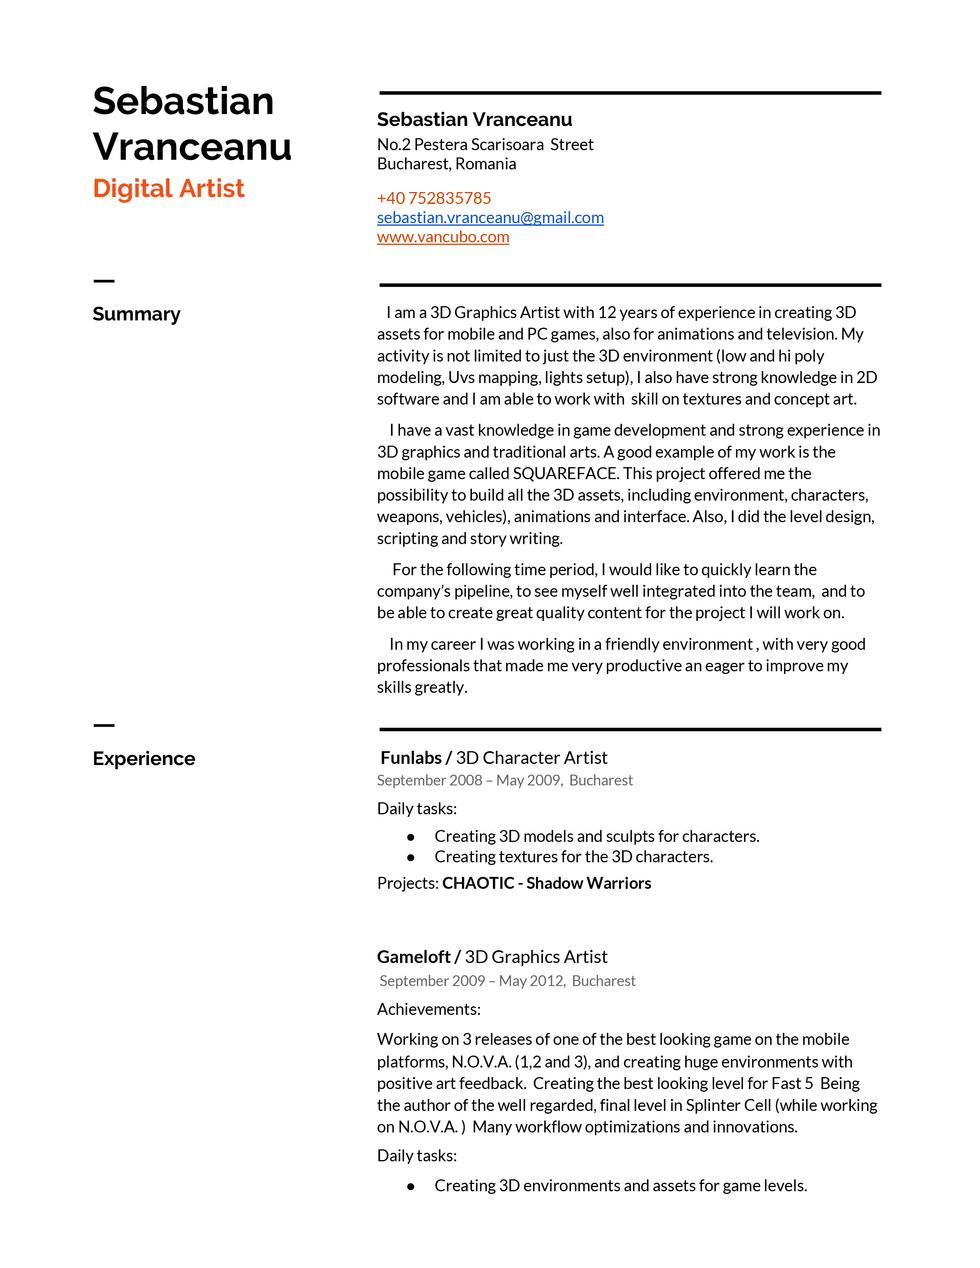 Resume - Sebastian Vranceanu-1.png